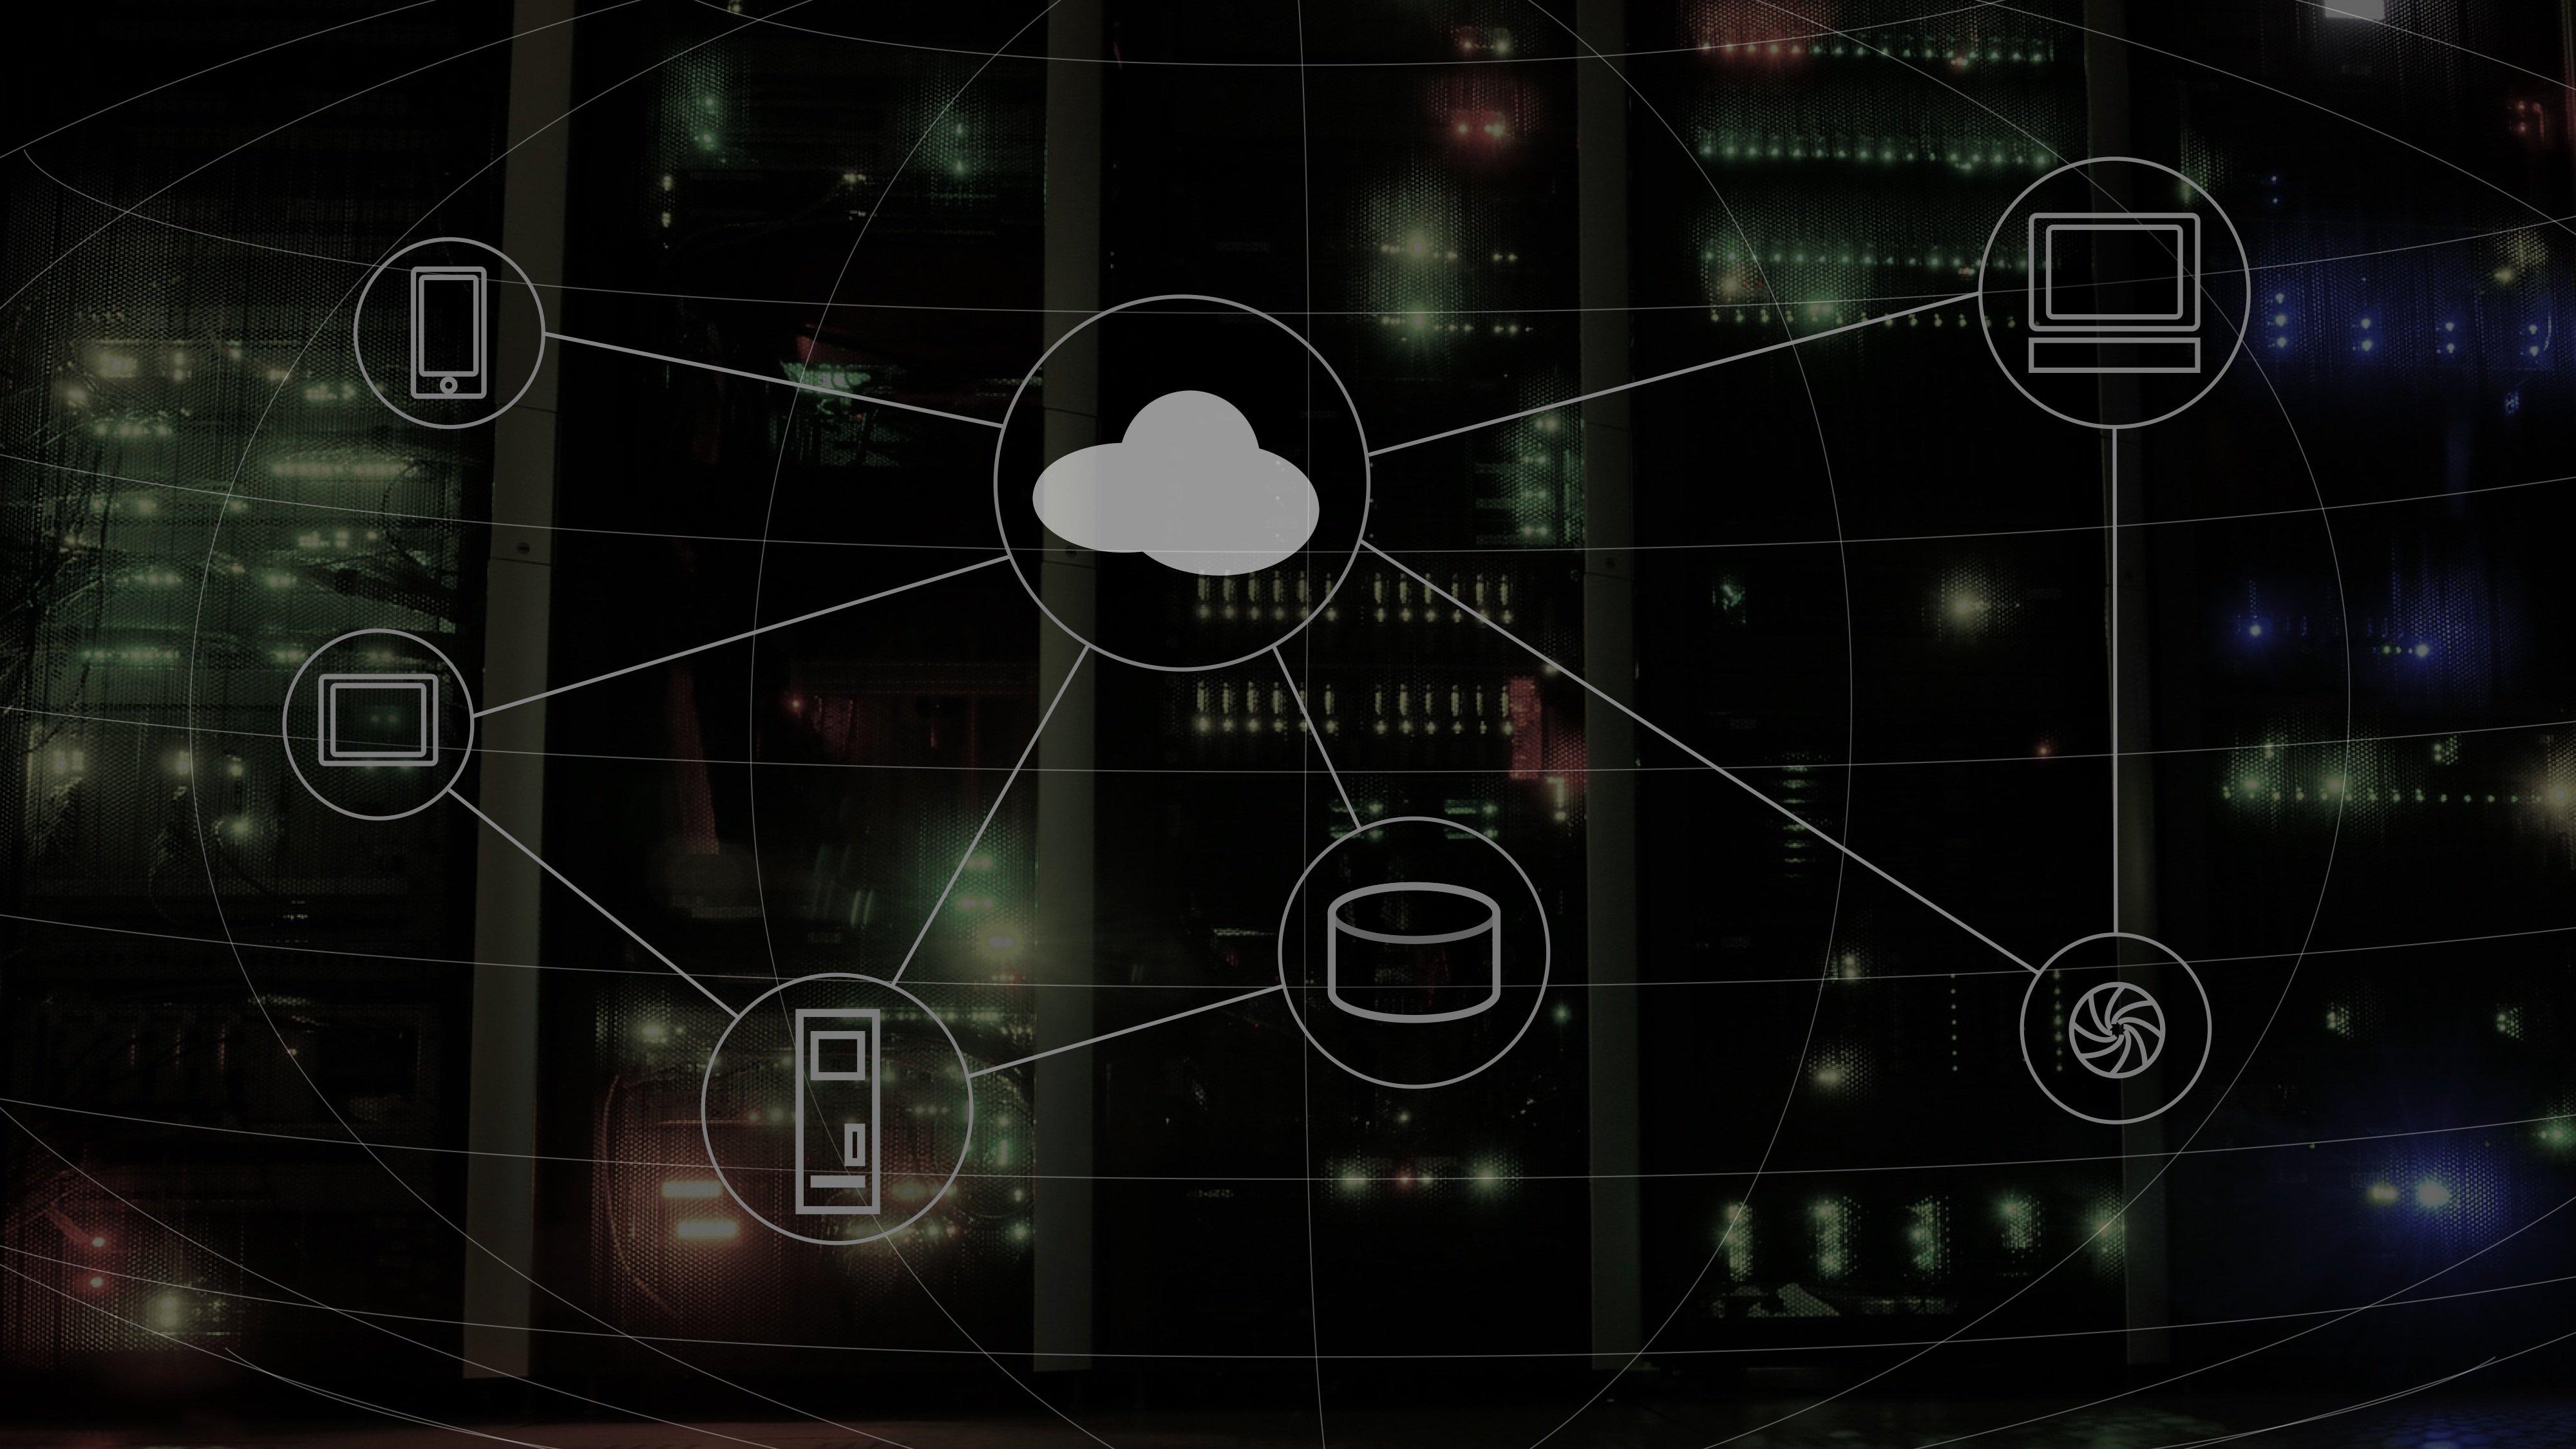 Parler sues Amazon for terminating cloud computing account alleging antitrust violations